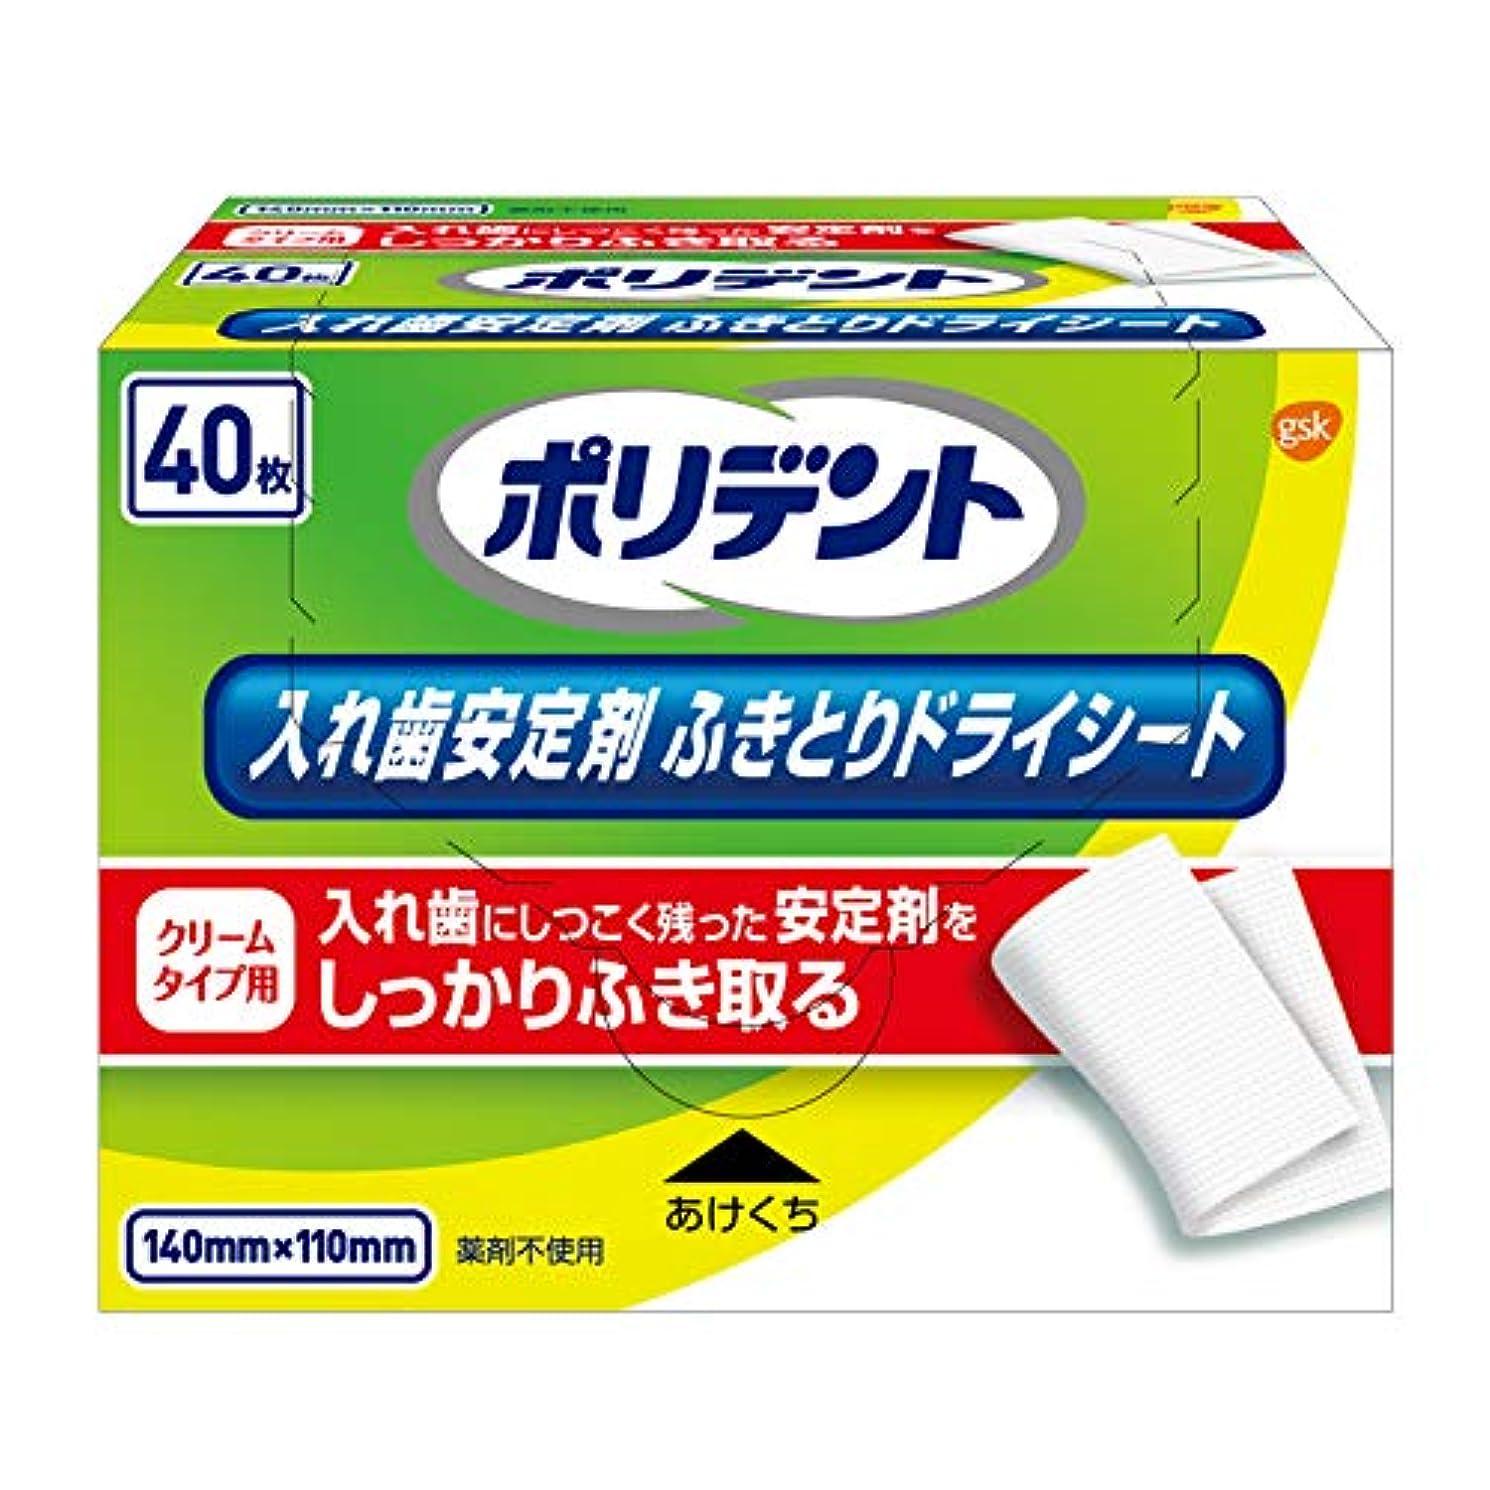 不道徳現代リードポリデント 入れ歯安定剤ふきとりドライシート 40枚